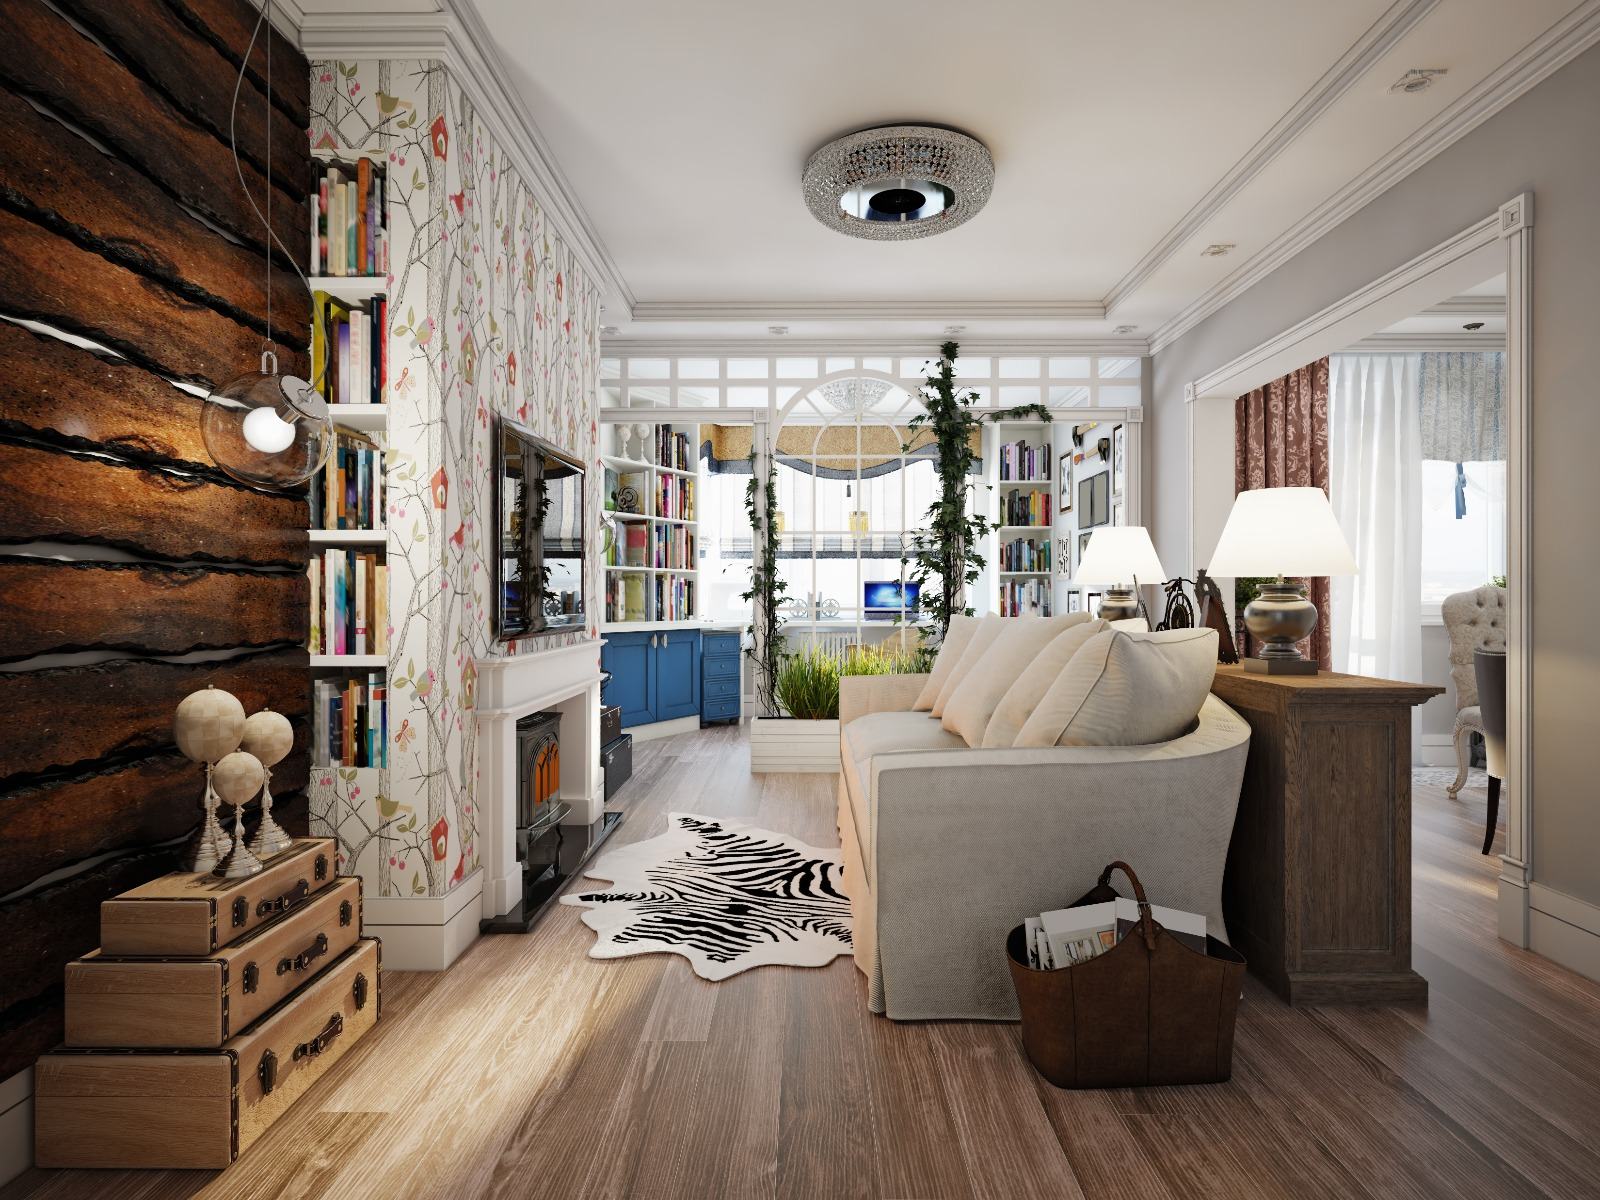 Das Bild zeigt ein Zimmer mit Textilien und Mustern im Landhausstil.